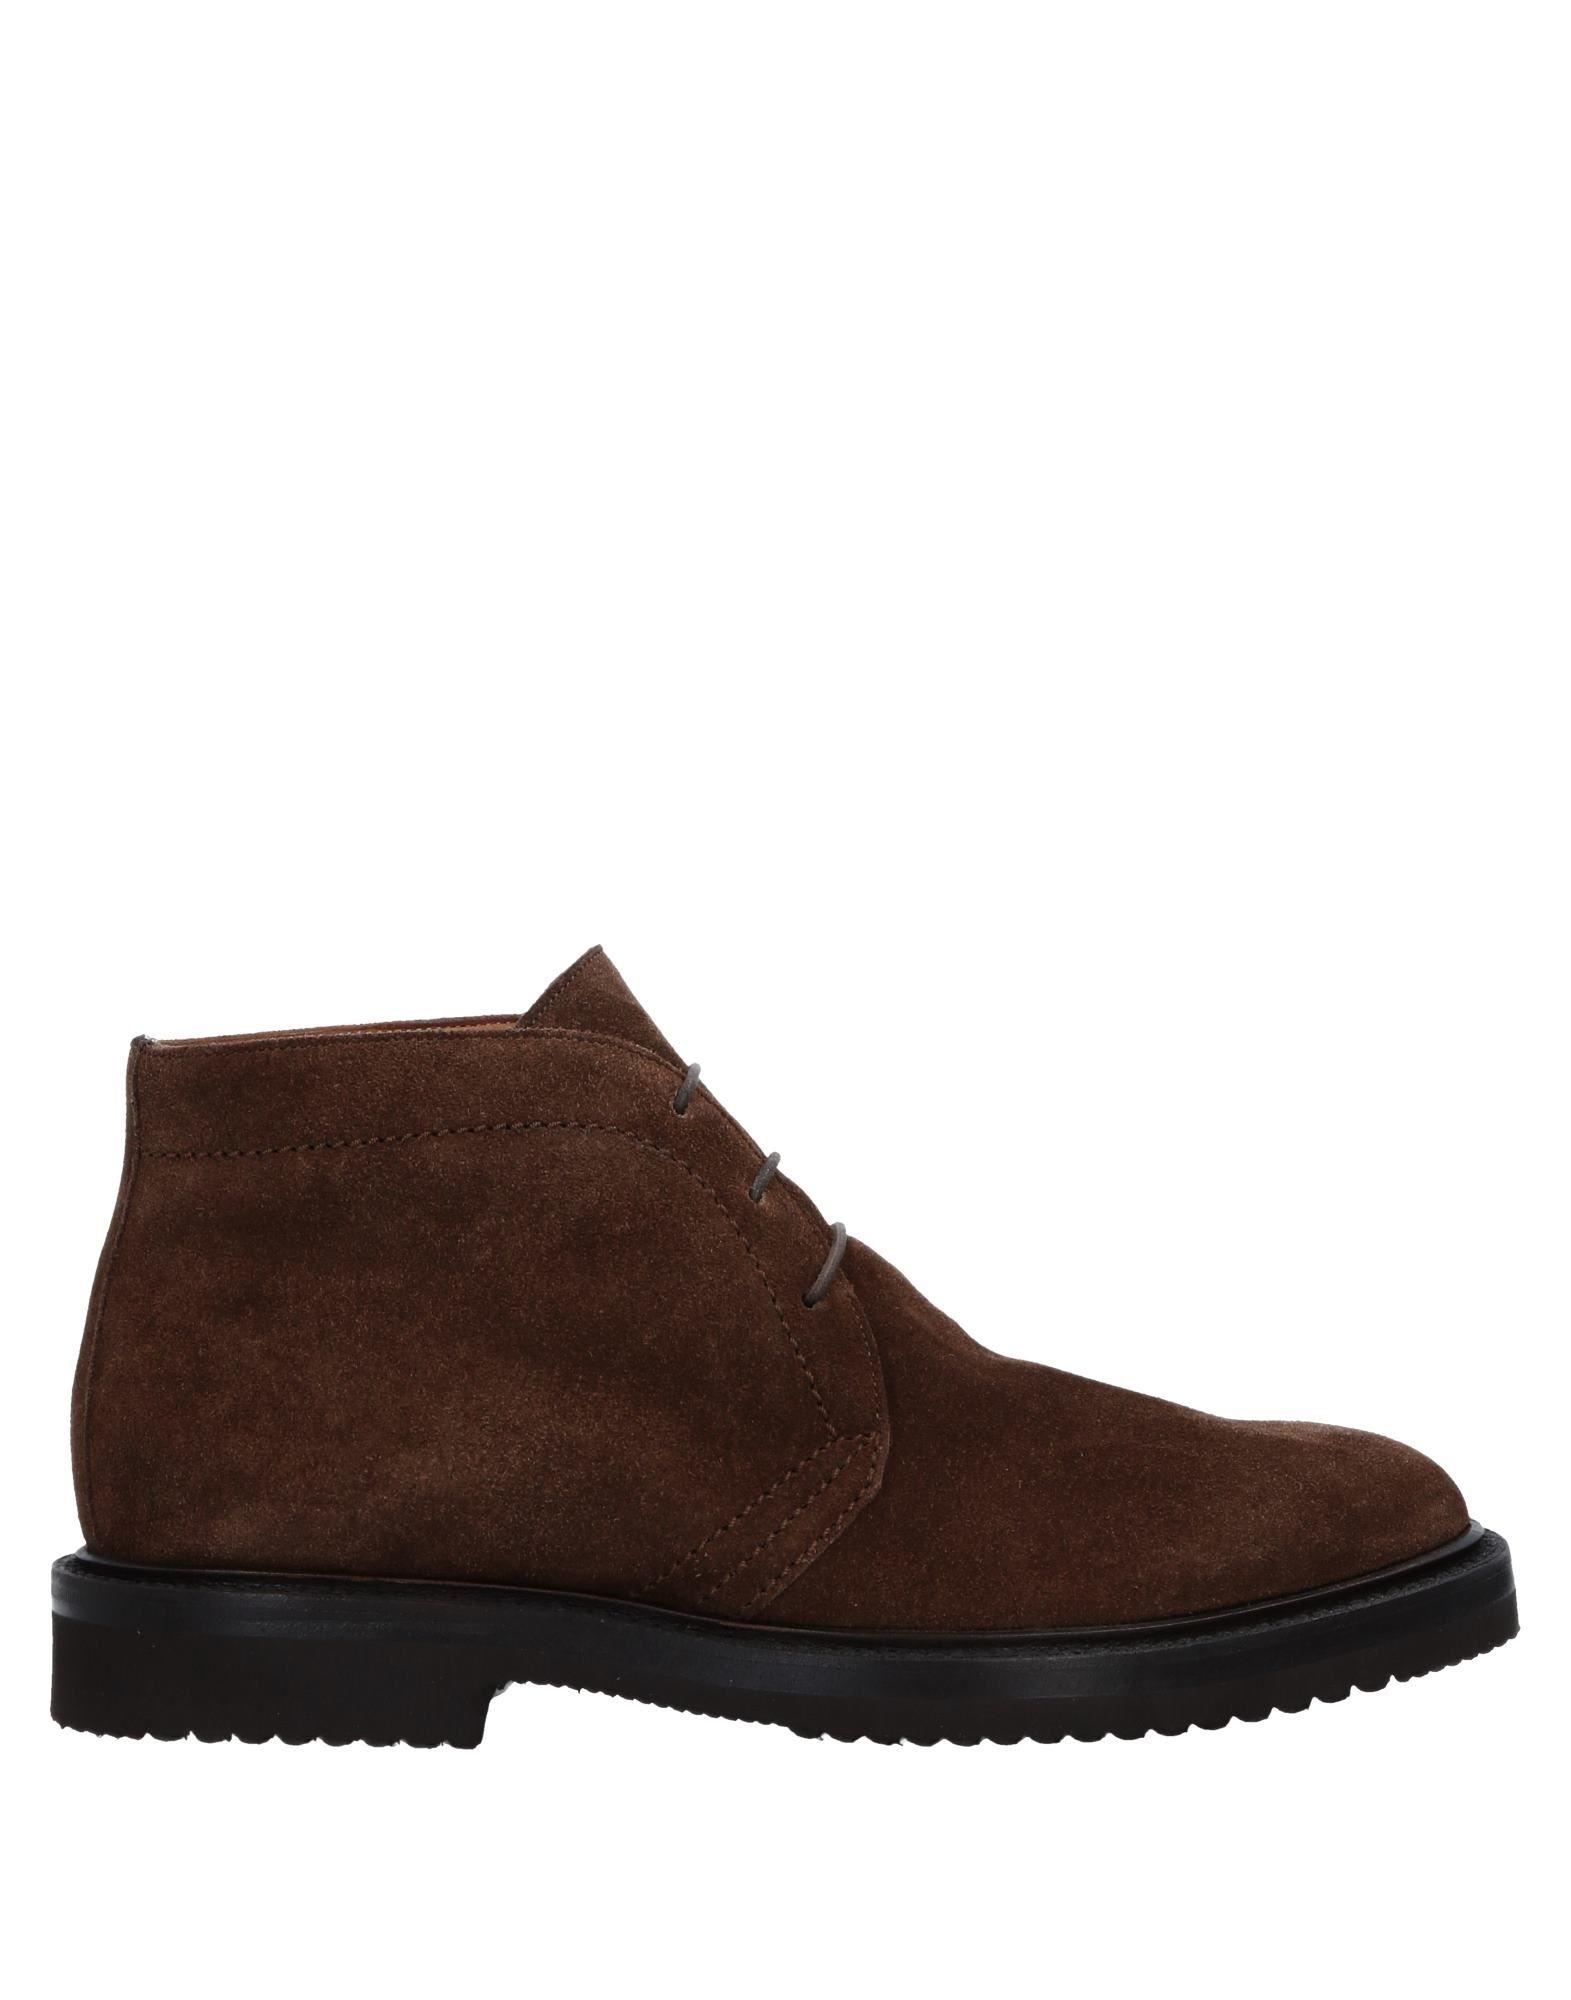 Ortigni Stiefelette Herren  11532671NQ Gute Qualität beliebte Schuhe